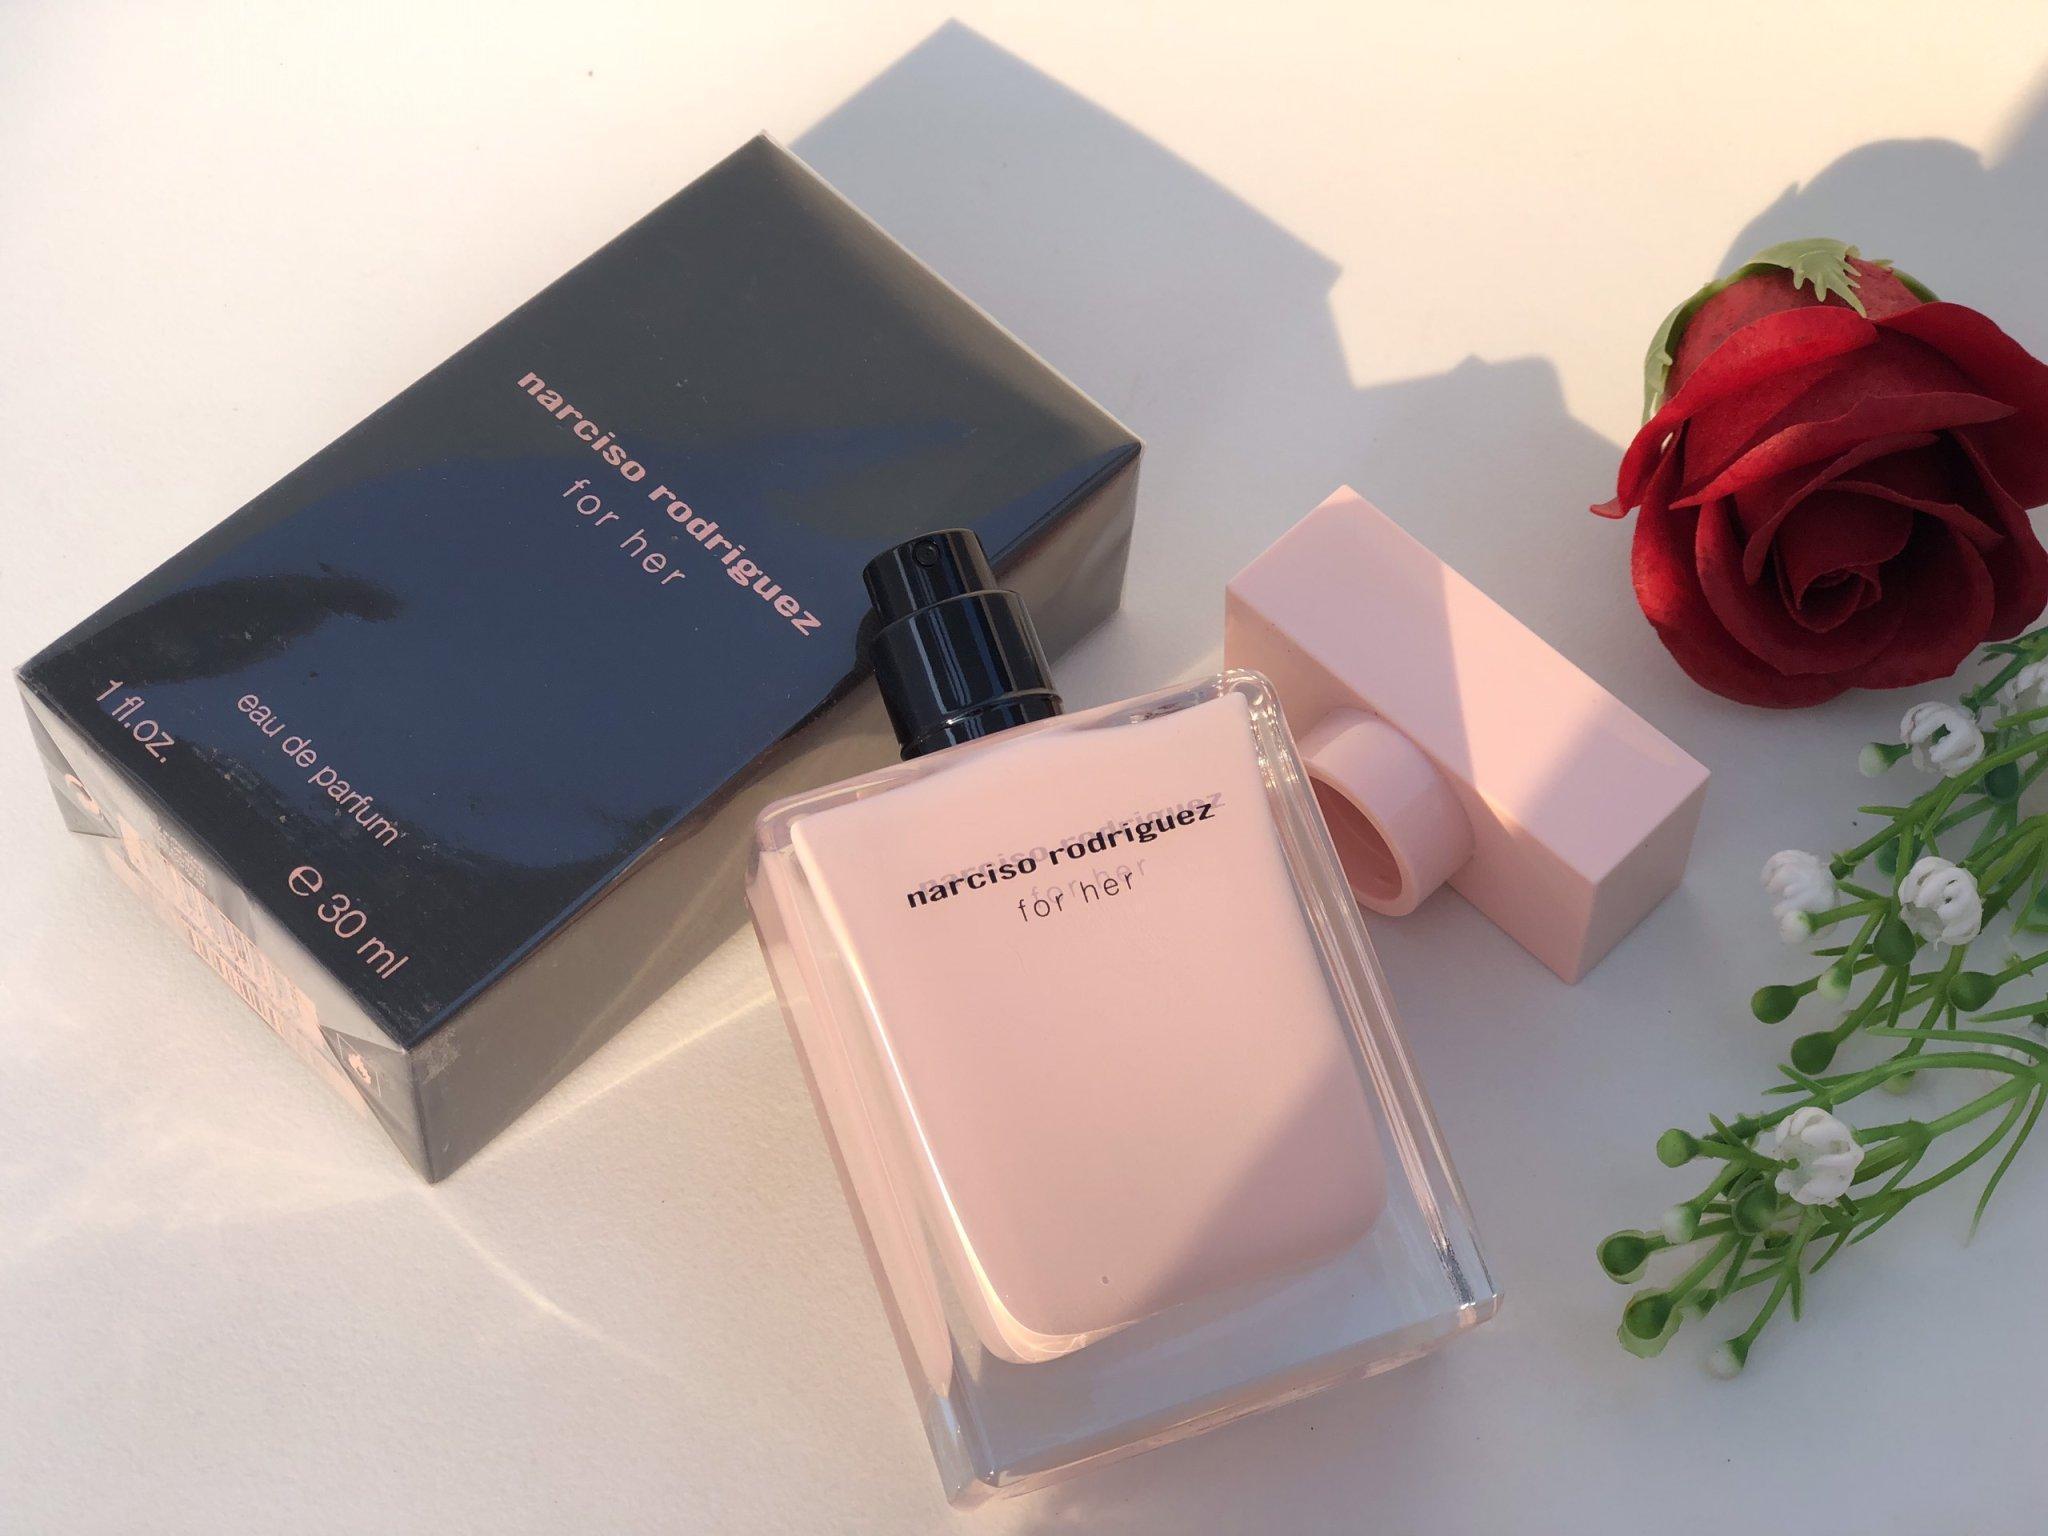 narciso-rodriguez-for-her-eau-de-parfum.3jpg